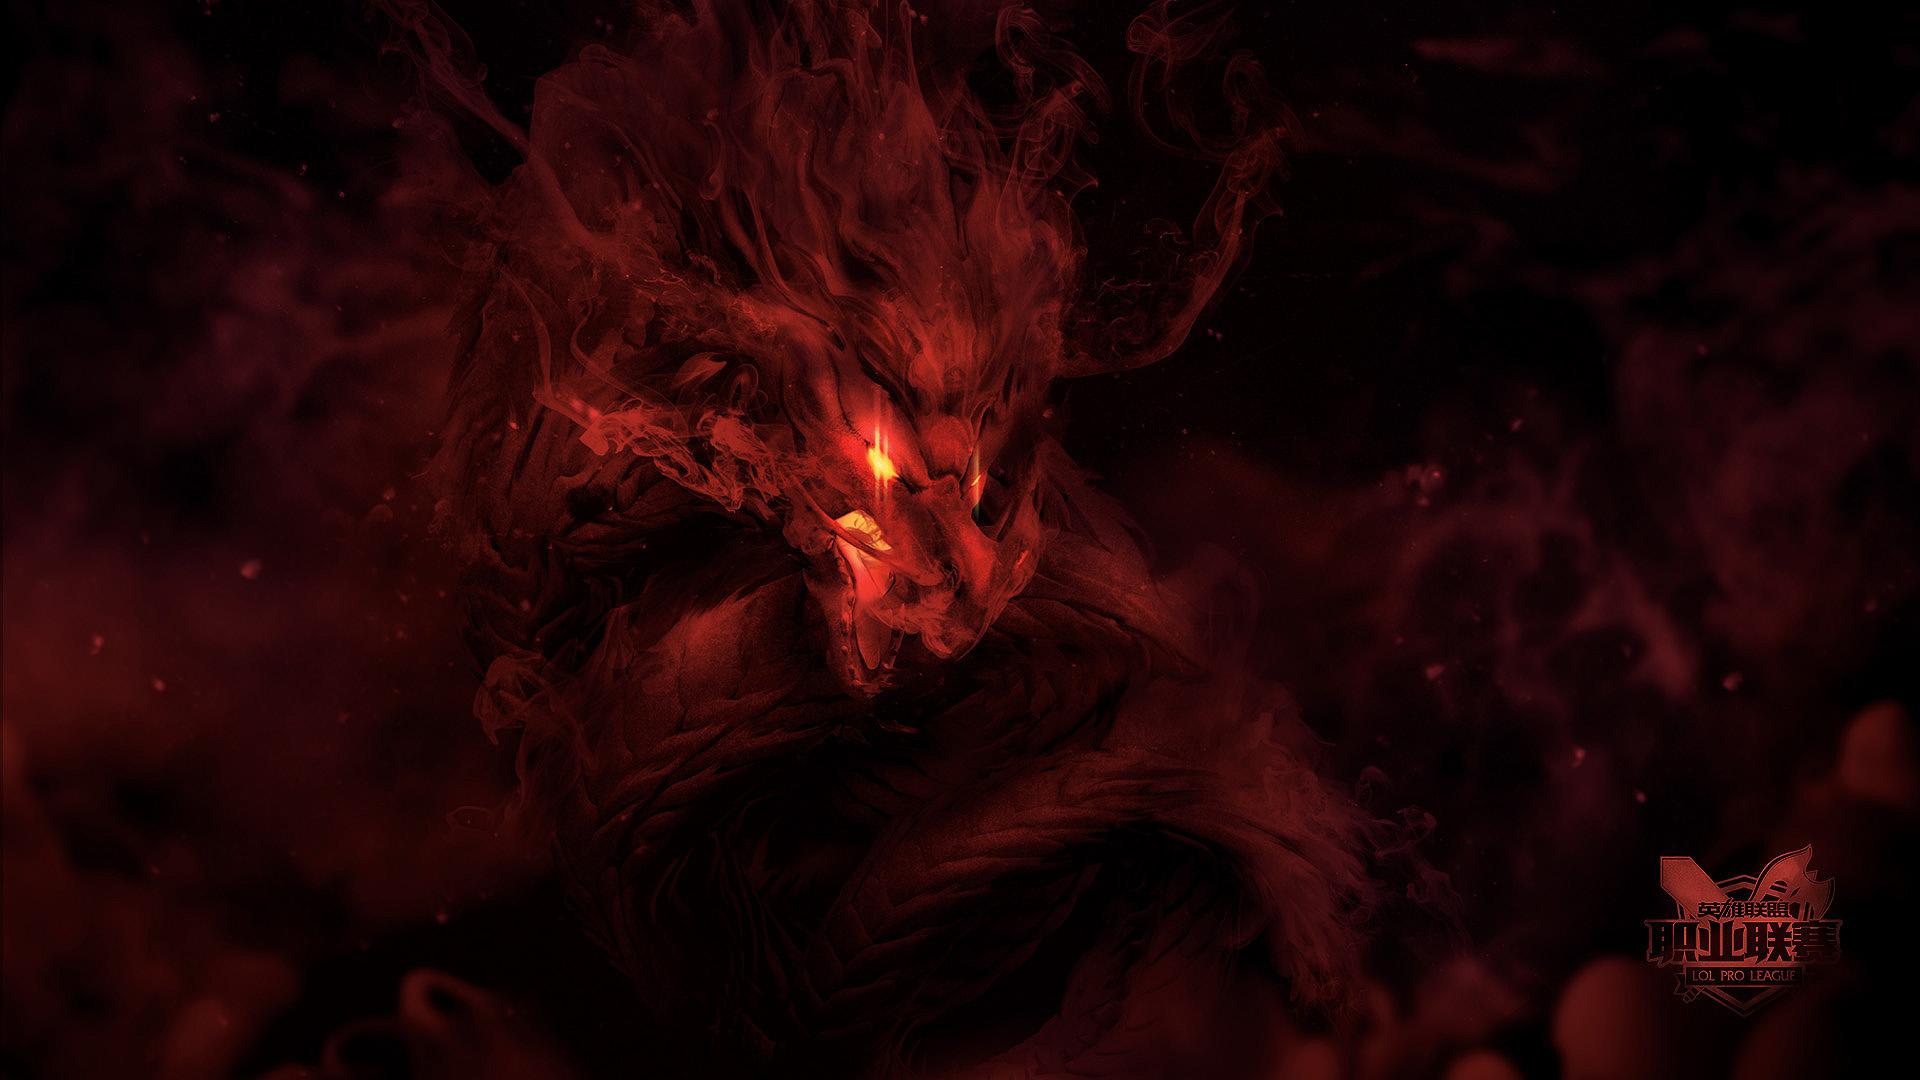 Red Devil Hd Wallpaper Lol Esports